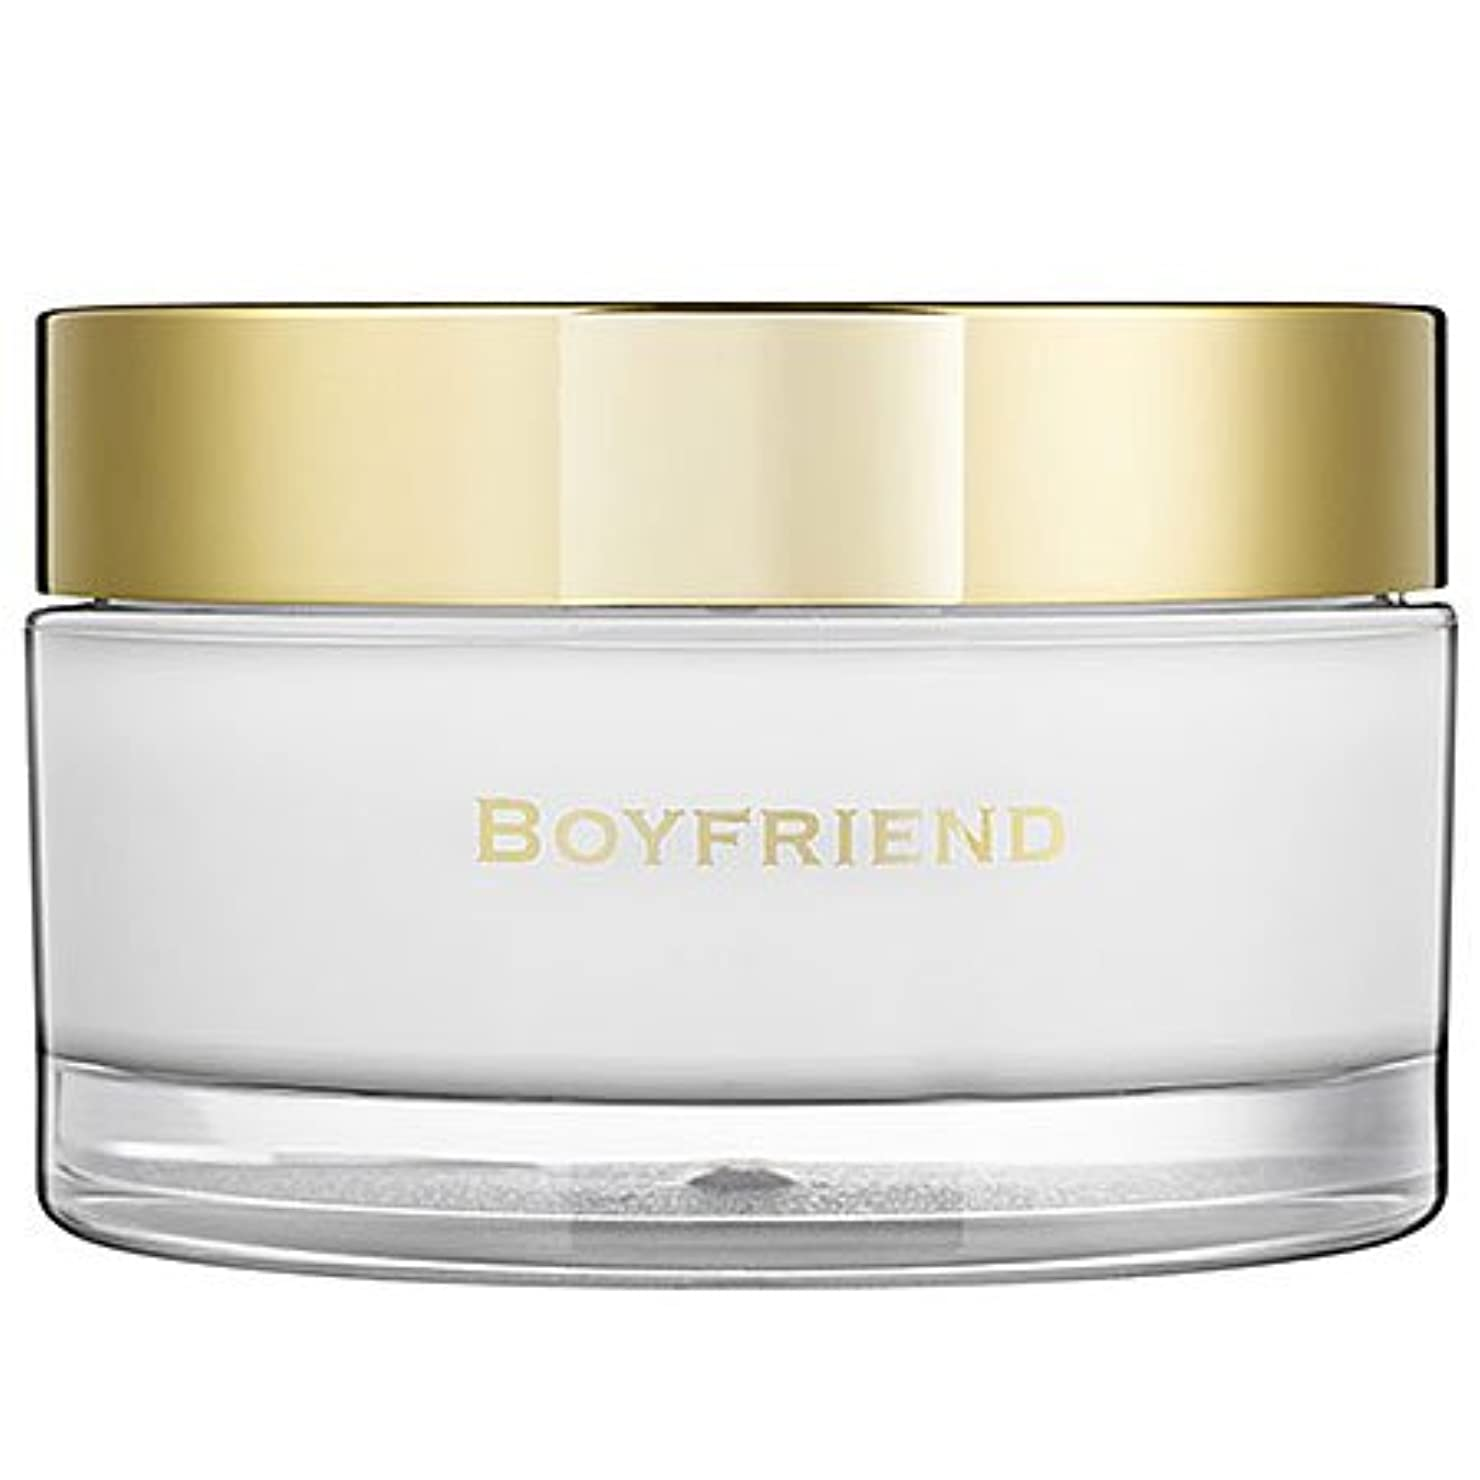 バインドしょっぱい必要性Boyfriend (ボーイフレンド) 6.7 oz (200ml) Body Cream by Kate Walsh for Women